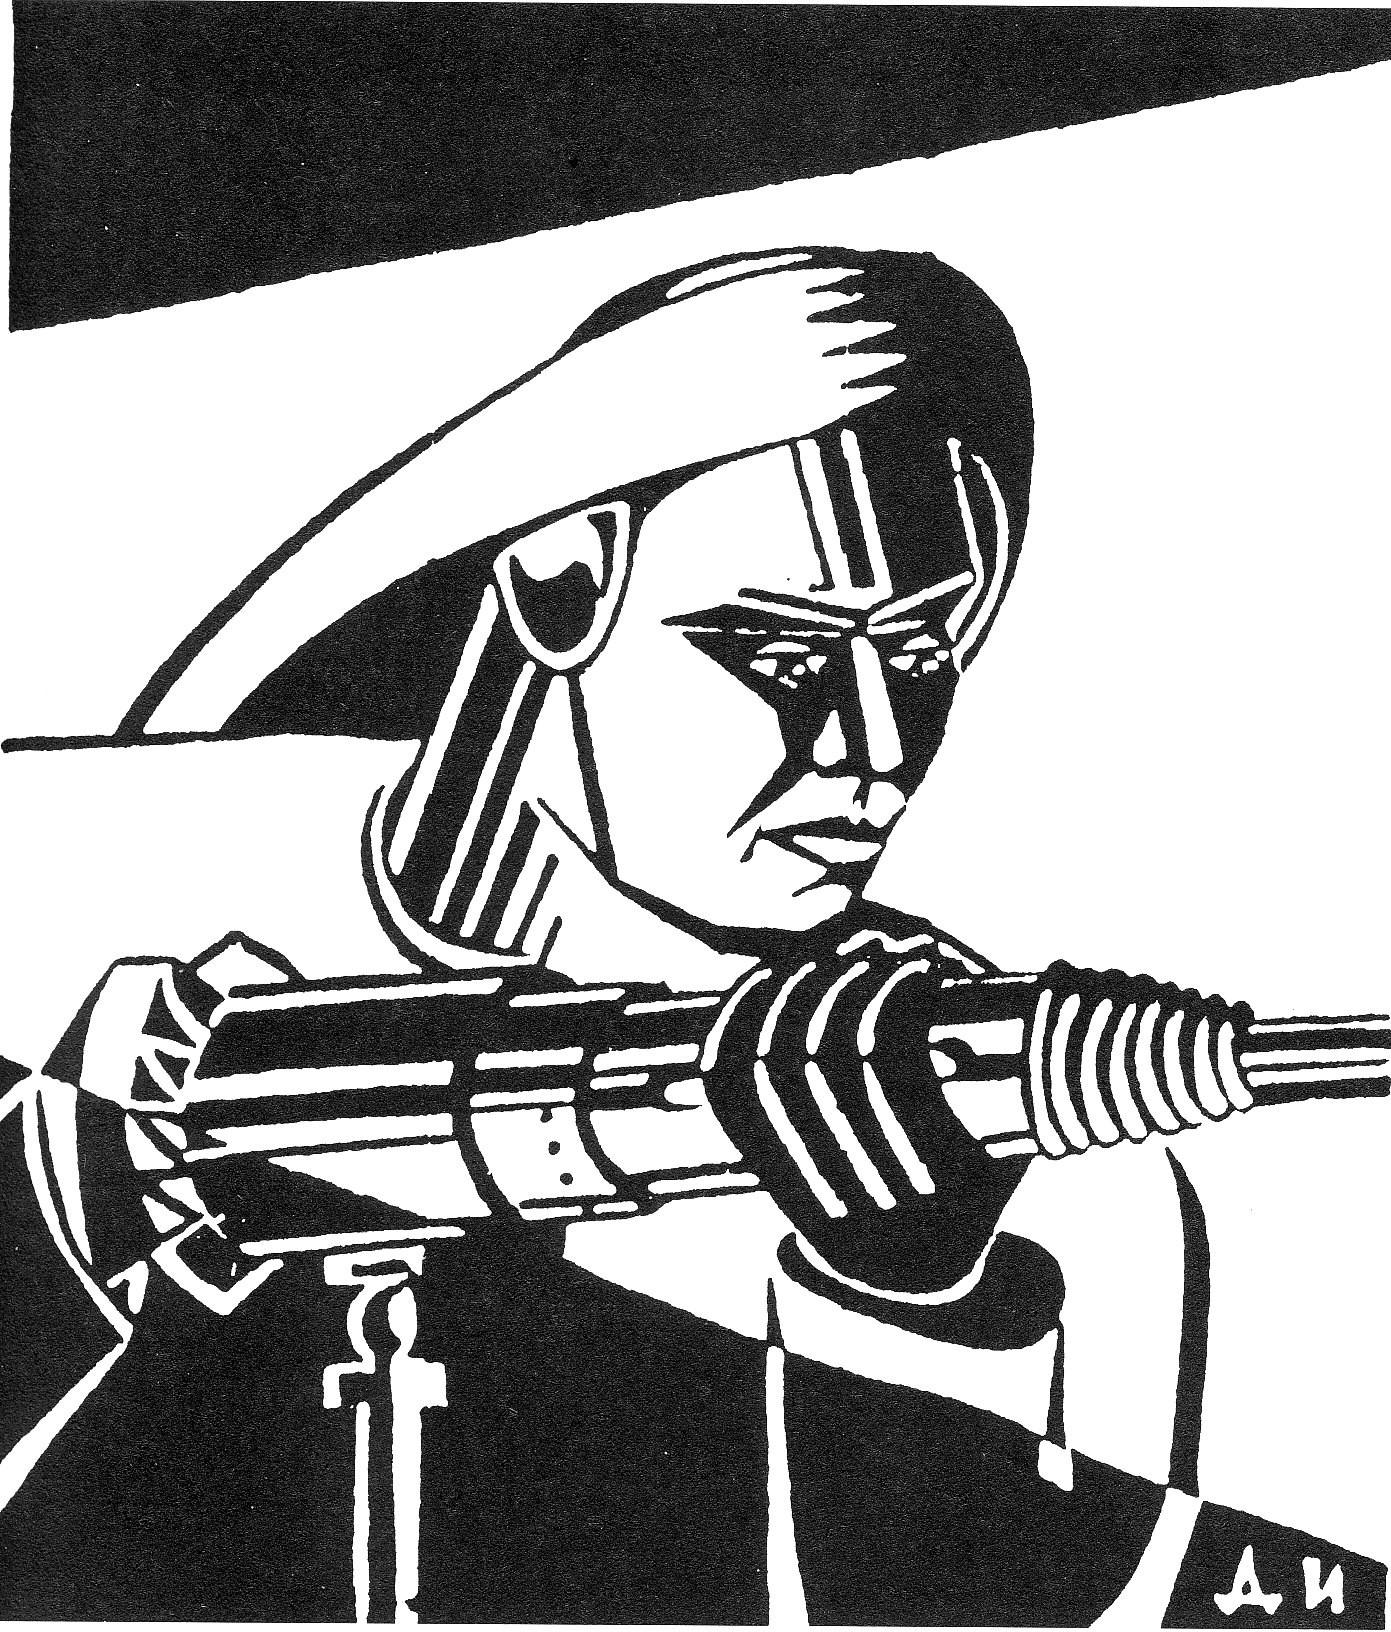 """Aus der Betriebszeitung """"Udarnik Metrostroja"""" [Der Stoßarbeiter der Metro], Nr. 197, 24.8.1934, S. 3.<br> <strong>Lizenz:</strong> Zitat nach § 51 UrhG<br> <strong>Erläuterung:</strong> Die Anfangszeit des Baus der Moskauer Untergrundbahn in den 1930er Jahren war eine der wichtigsten Projektionsflächen von Arbeitsheldentum. Über zahlreiche Betriebszeitungen, Broschüren, Artikel, Plakate und ein Begleitprojekt, das die Geschichte des Metrobaus autobiographisch, literarisch und künstlerisch dokumentierte, wurde die Arbeit auf den Baustellen heroisch aufgeladen und zur """"Schmiede des neuen Menschen"""" stilisiert. Der Presslufthammer als Symbol der Technisierung und Äquivalent zum Gewehr war ein typisches Element der Ikonographie."""